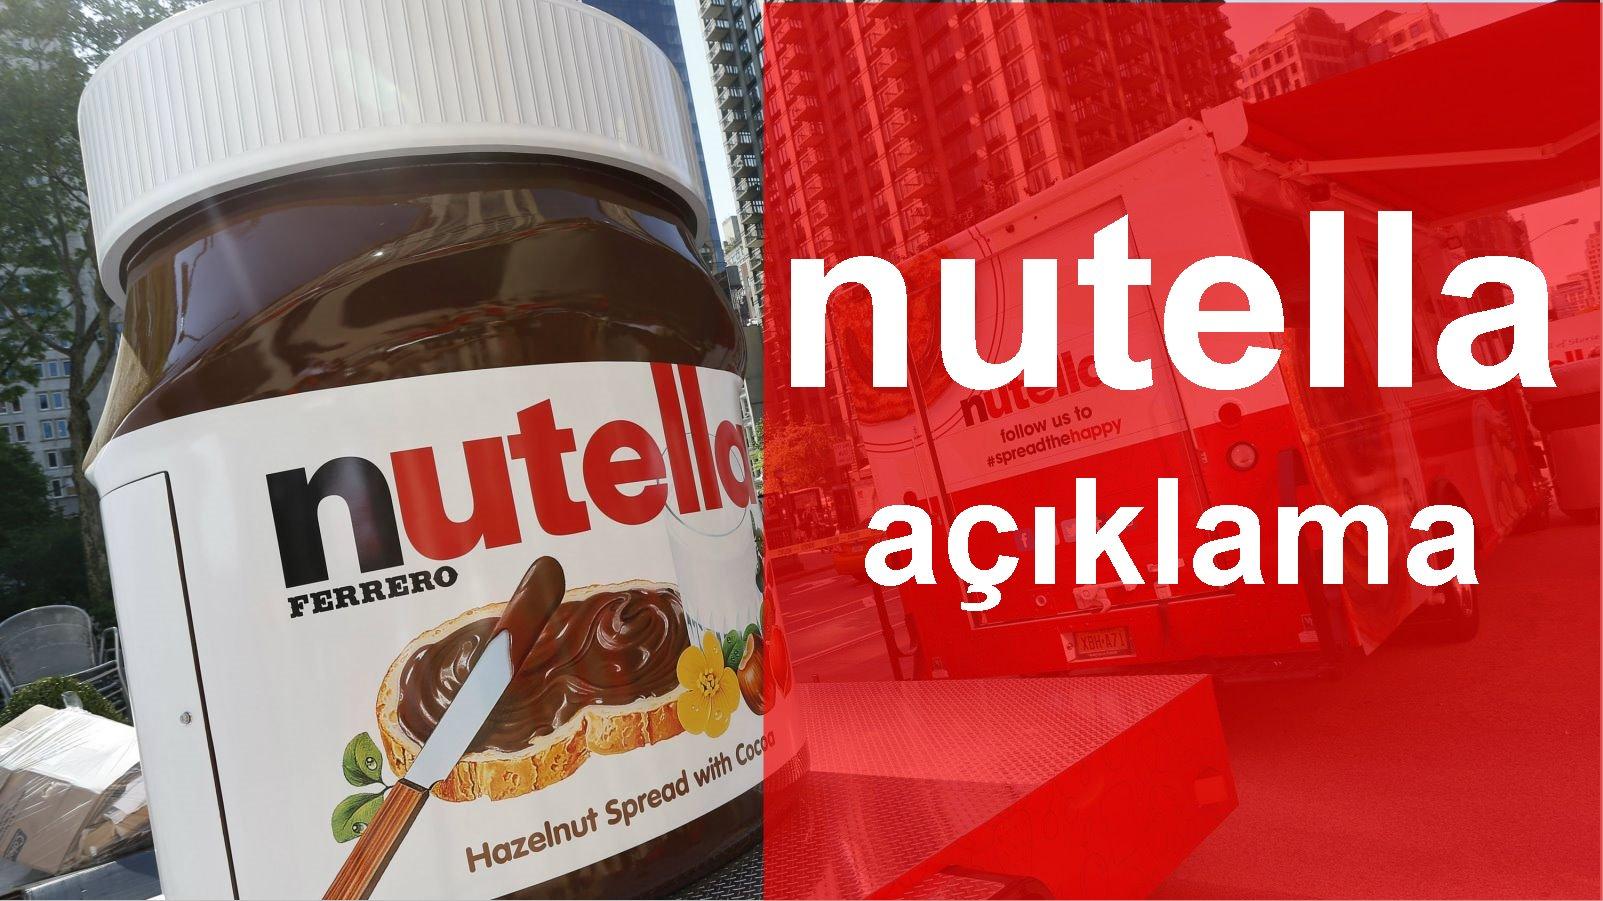 Nutella: İddialar asılsız, Palm yağı ile ilgili endişe verici durum yok